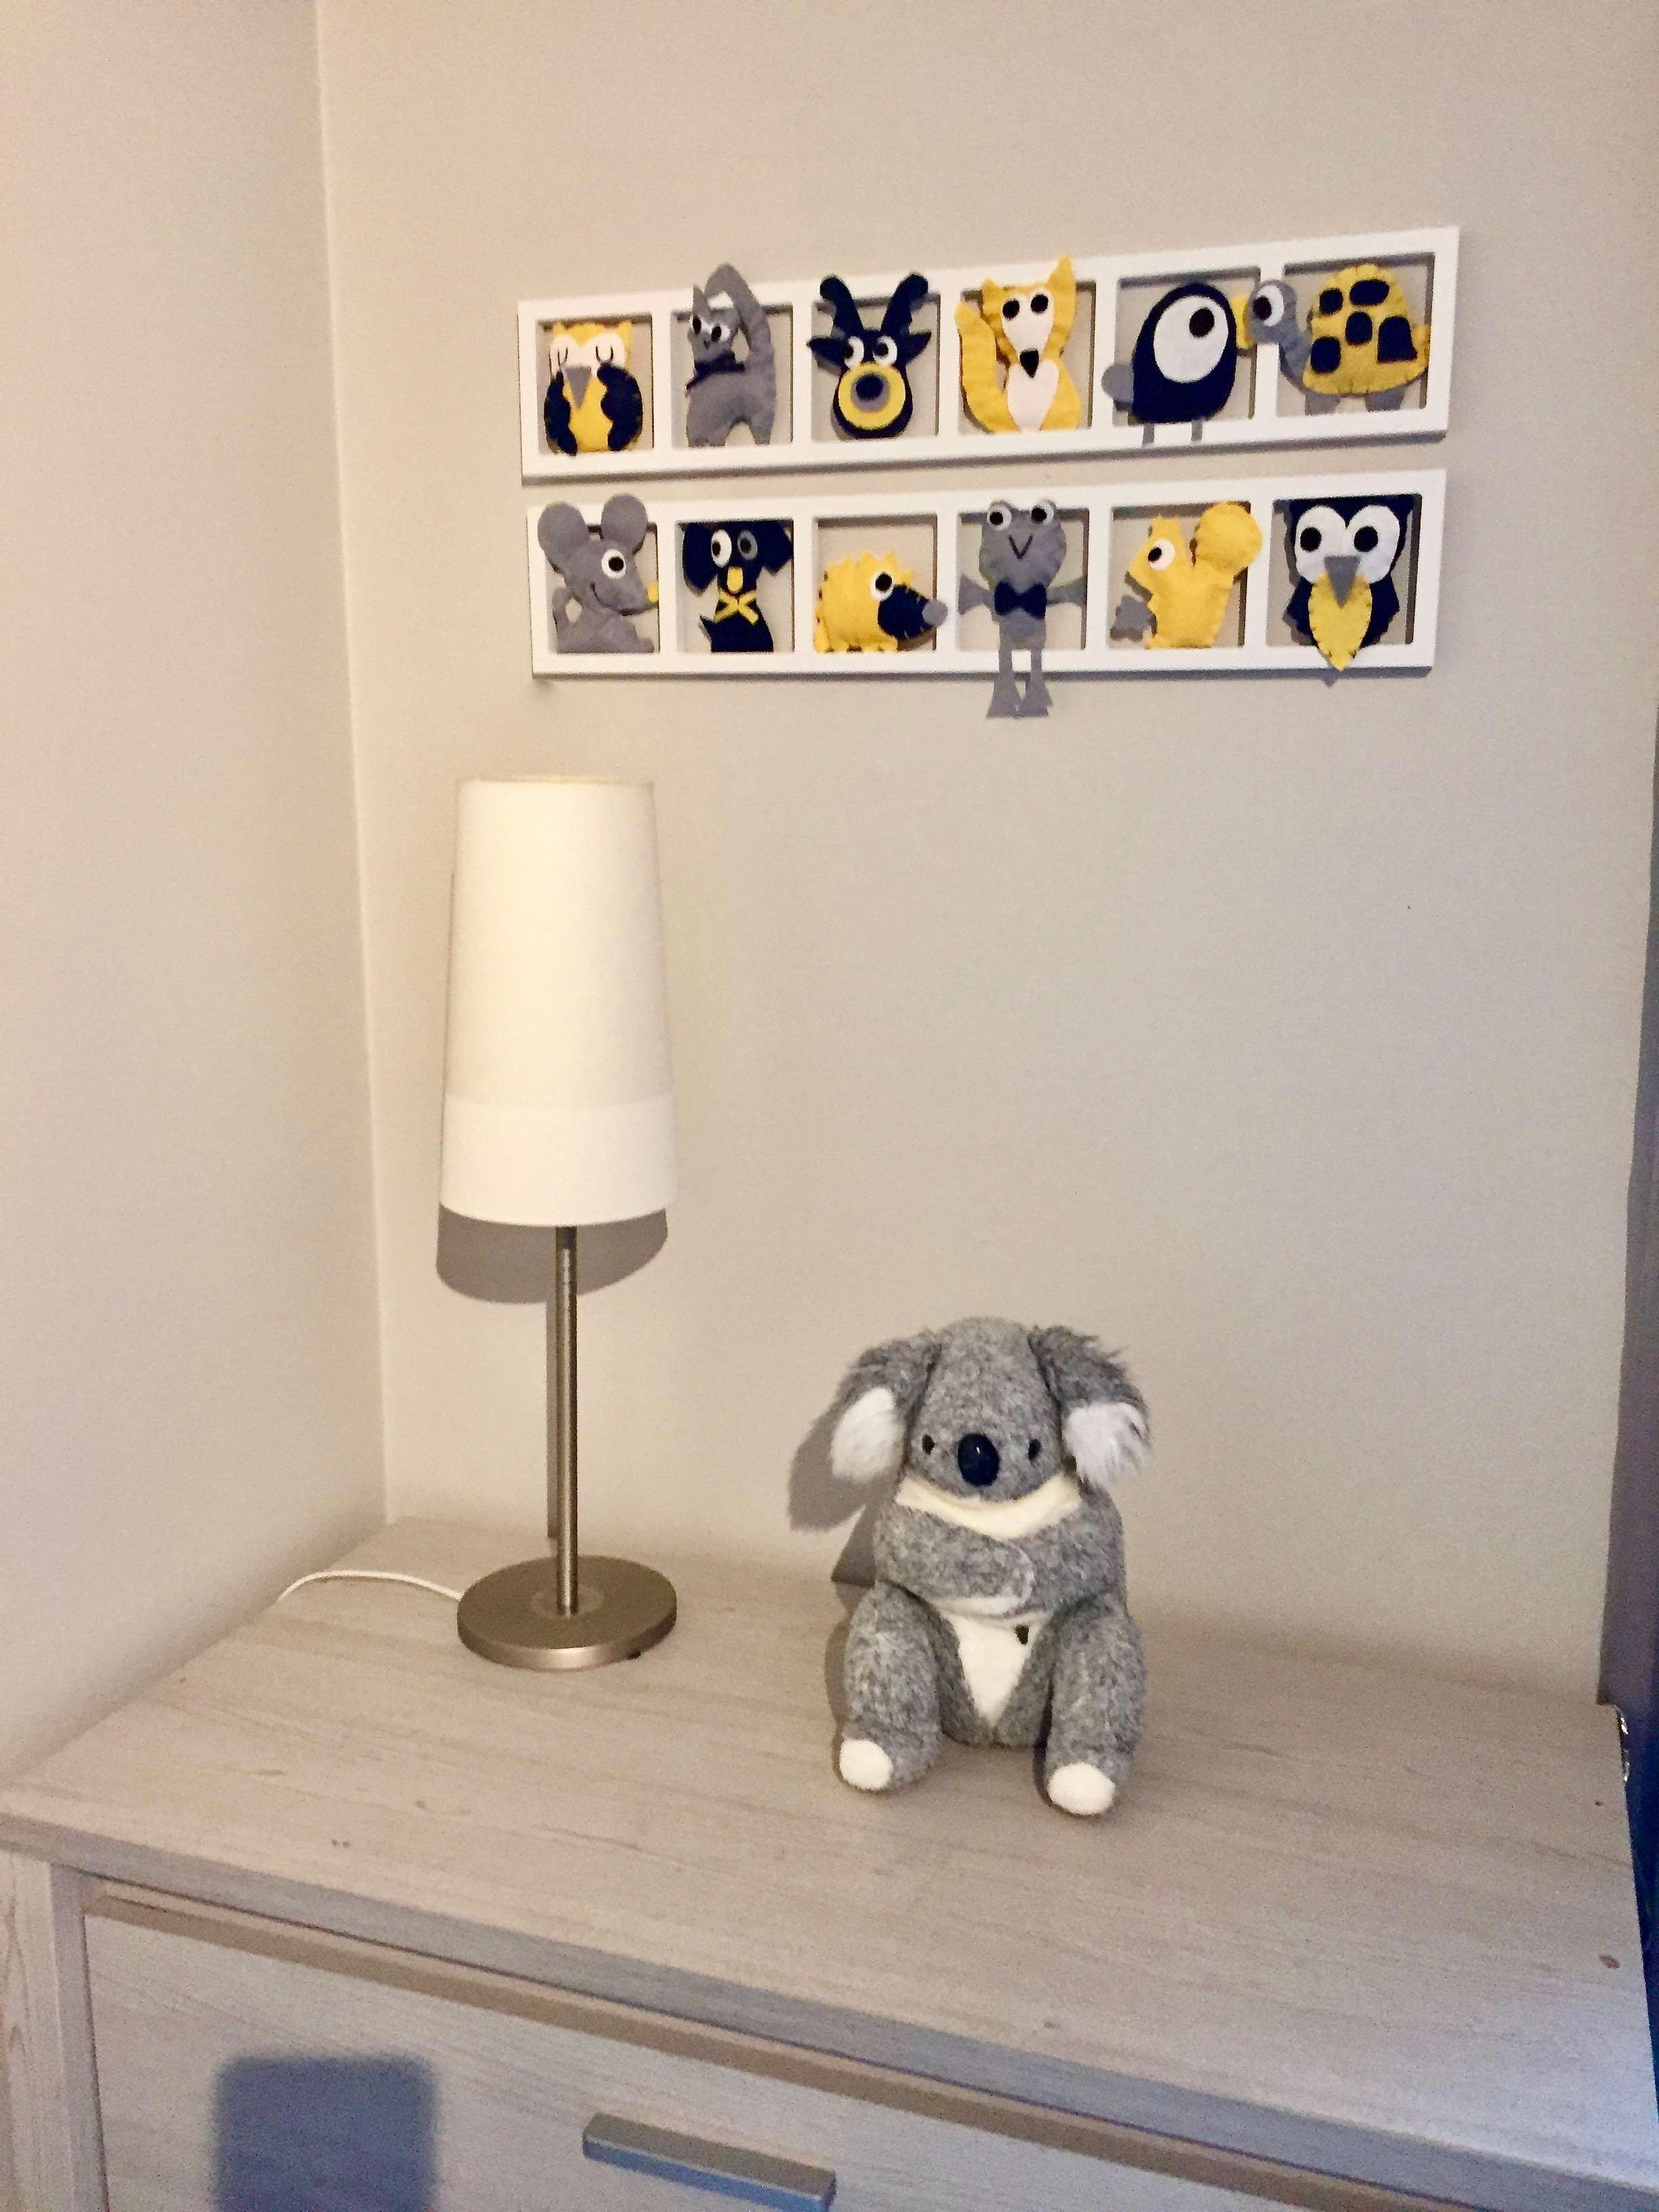 Deco Chambre Jaune Et Gris deco chambre enfant « moustach »,jaune moutarde, gris, bleu bichat 209